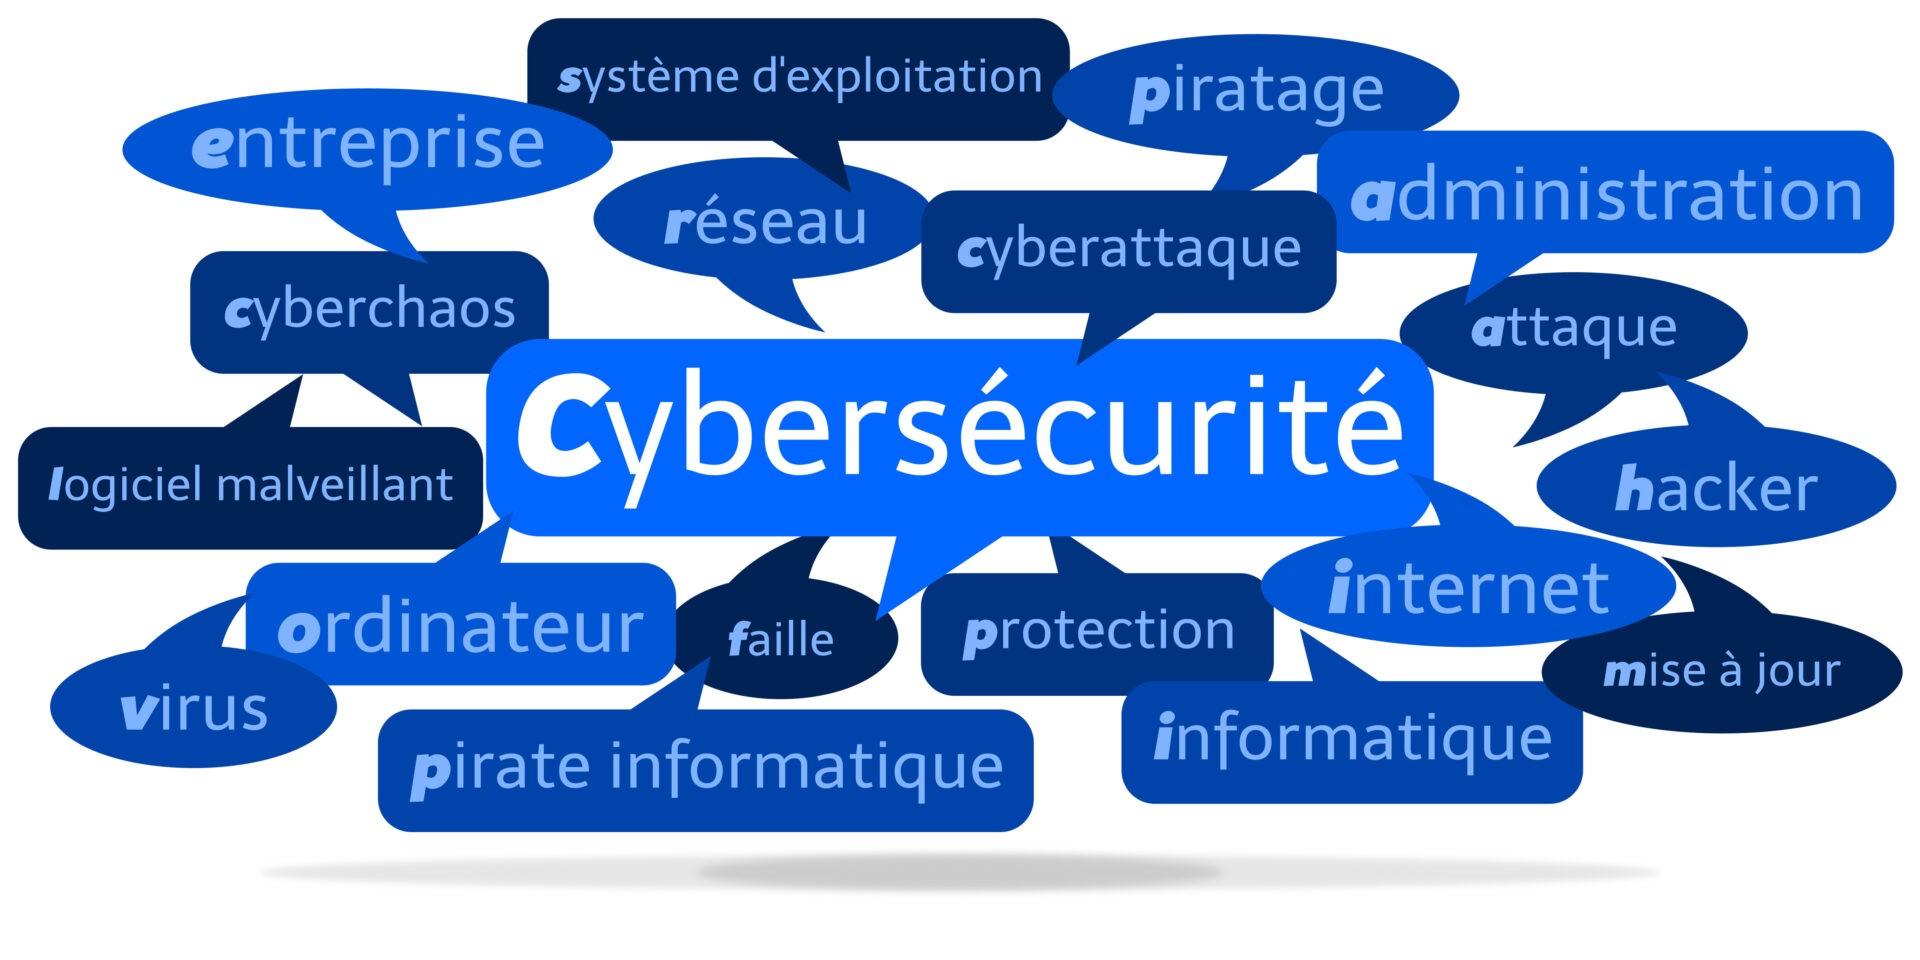 Participez aux ateliers de prévention aux cyber-attaques !